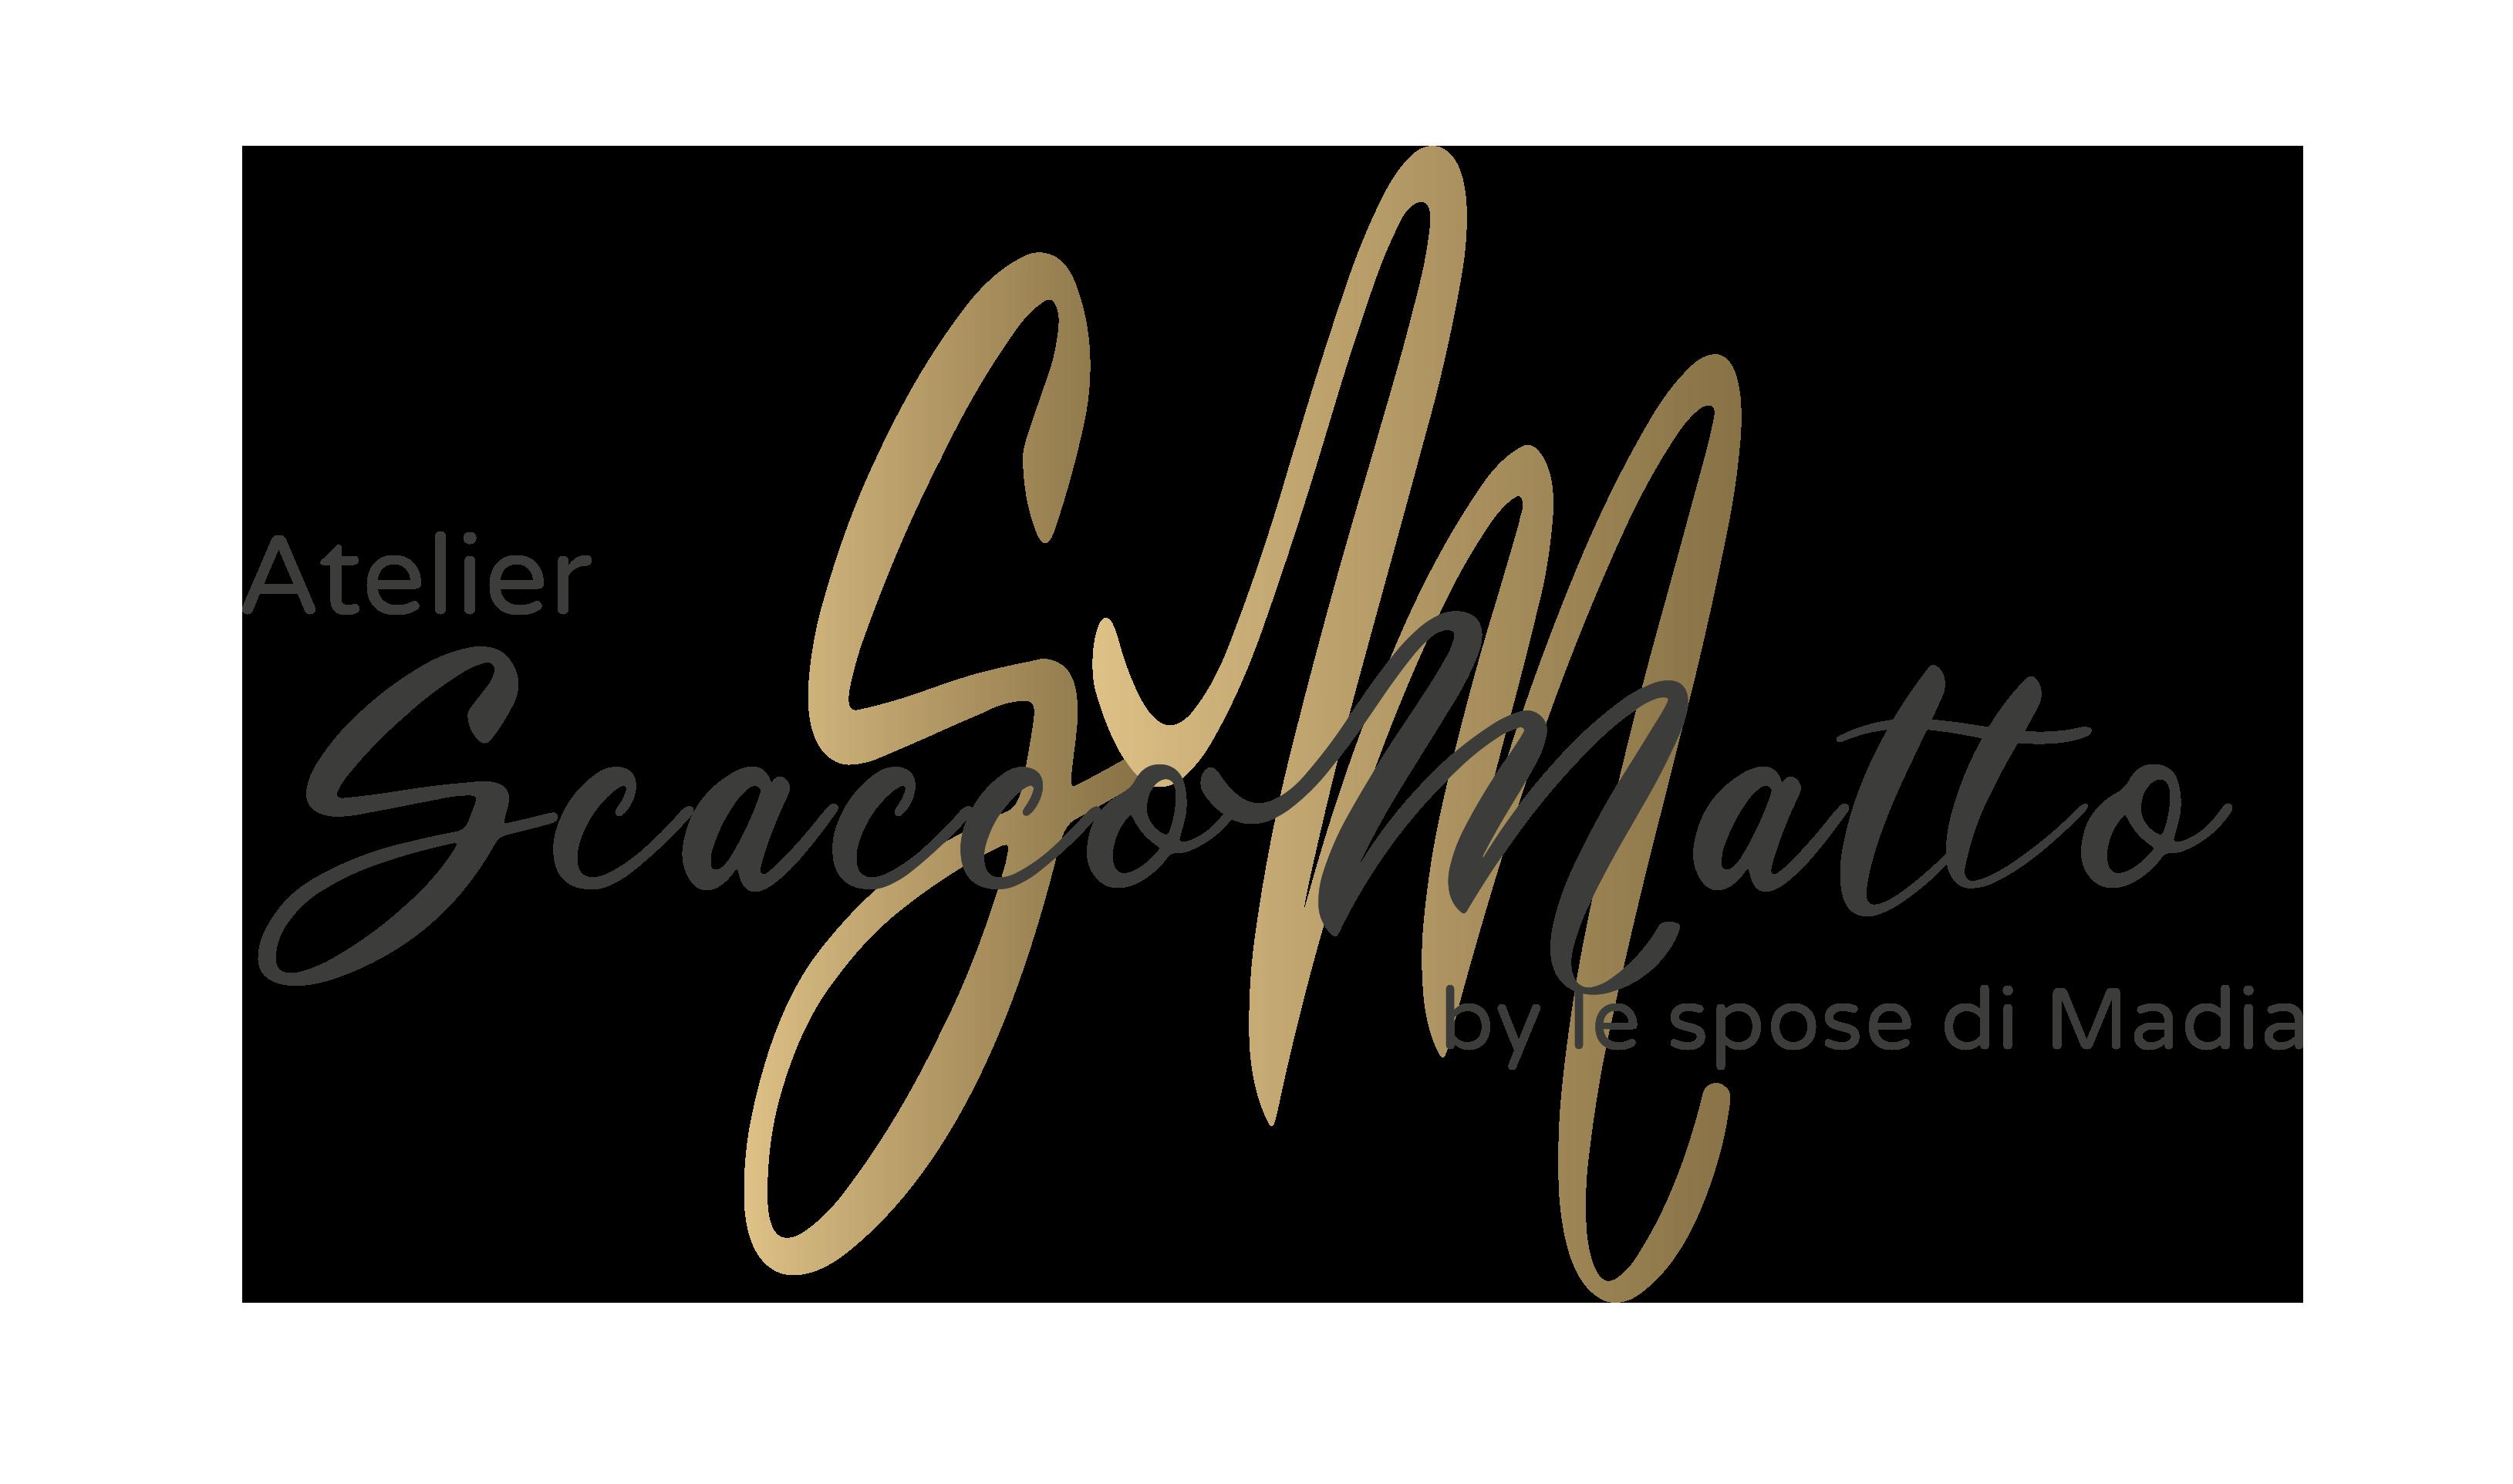 logo script scelto 6 novembre 2019-1